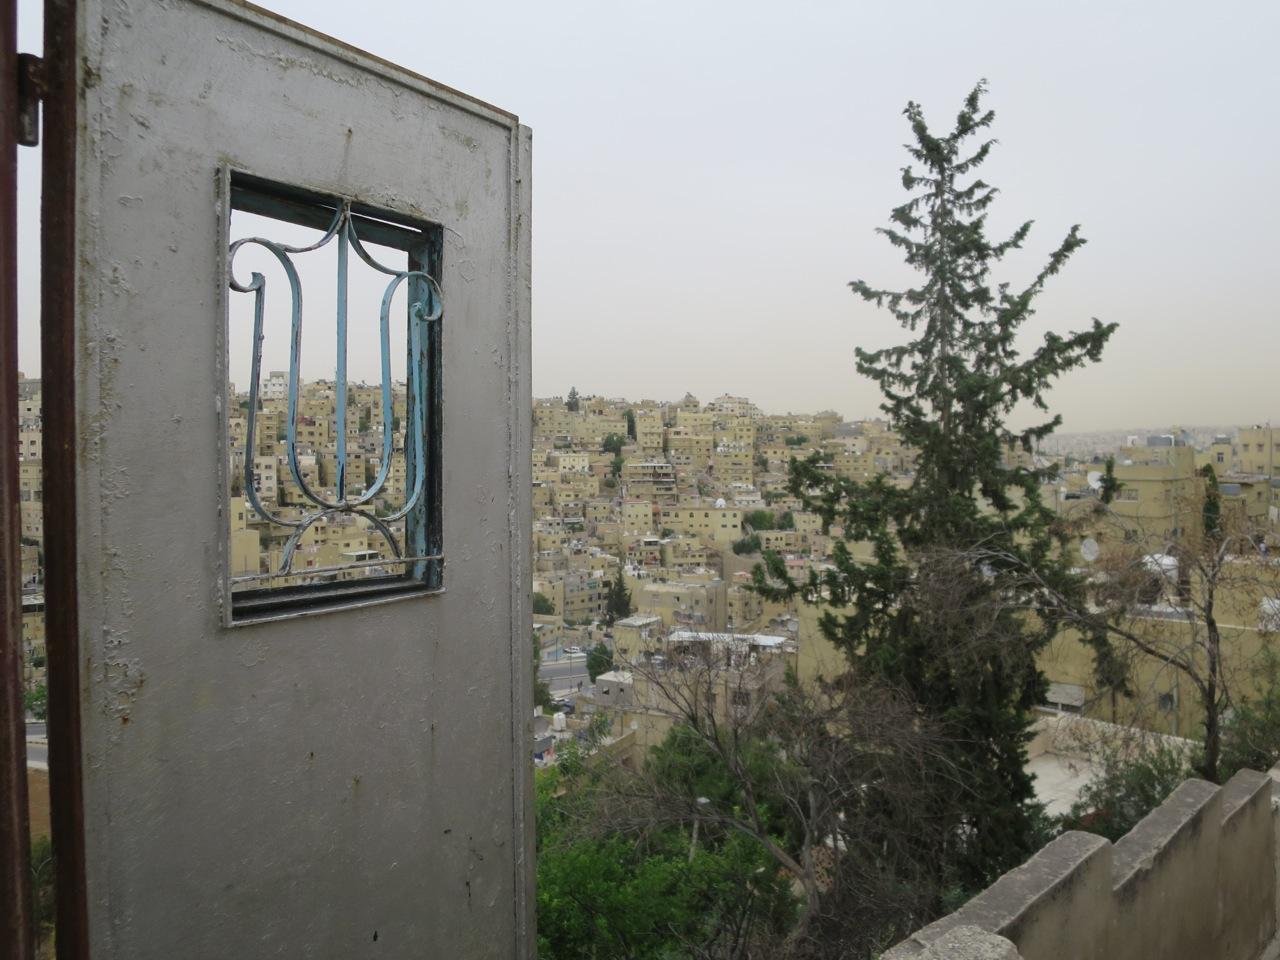 Amman 1-13